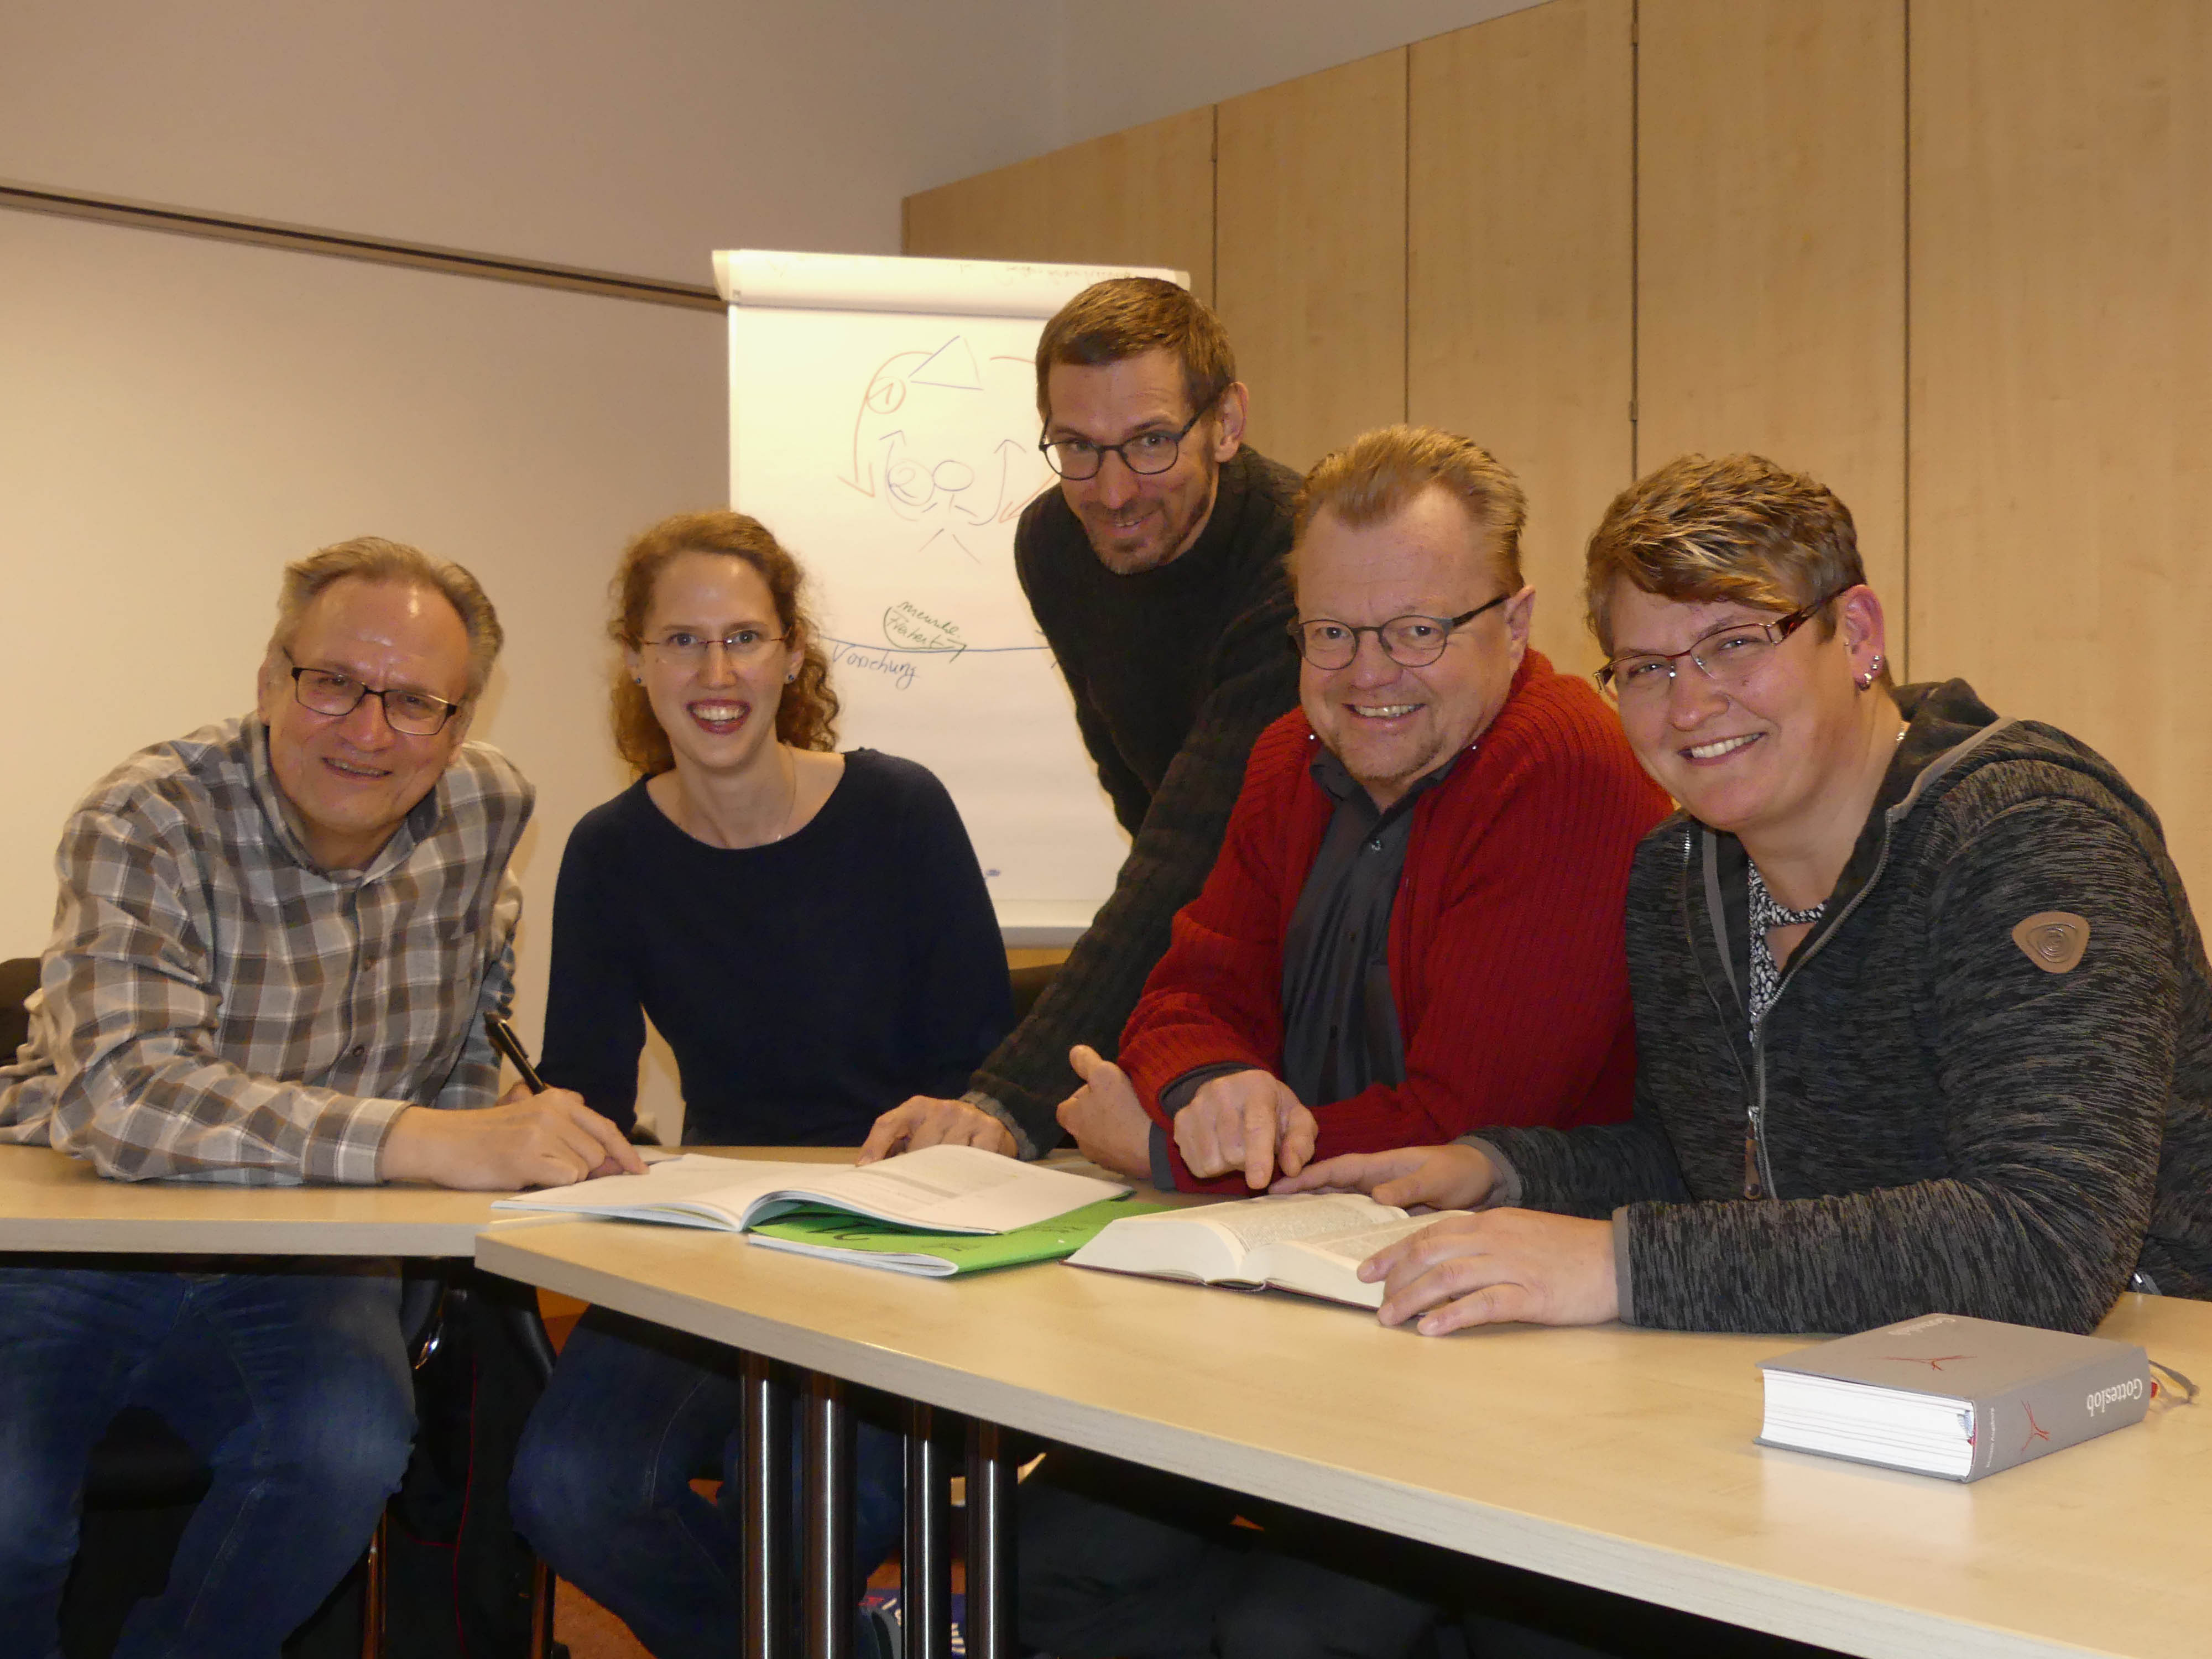 Foto: Fachbereich Ausbildung